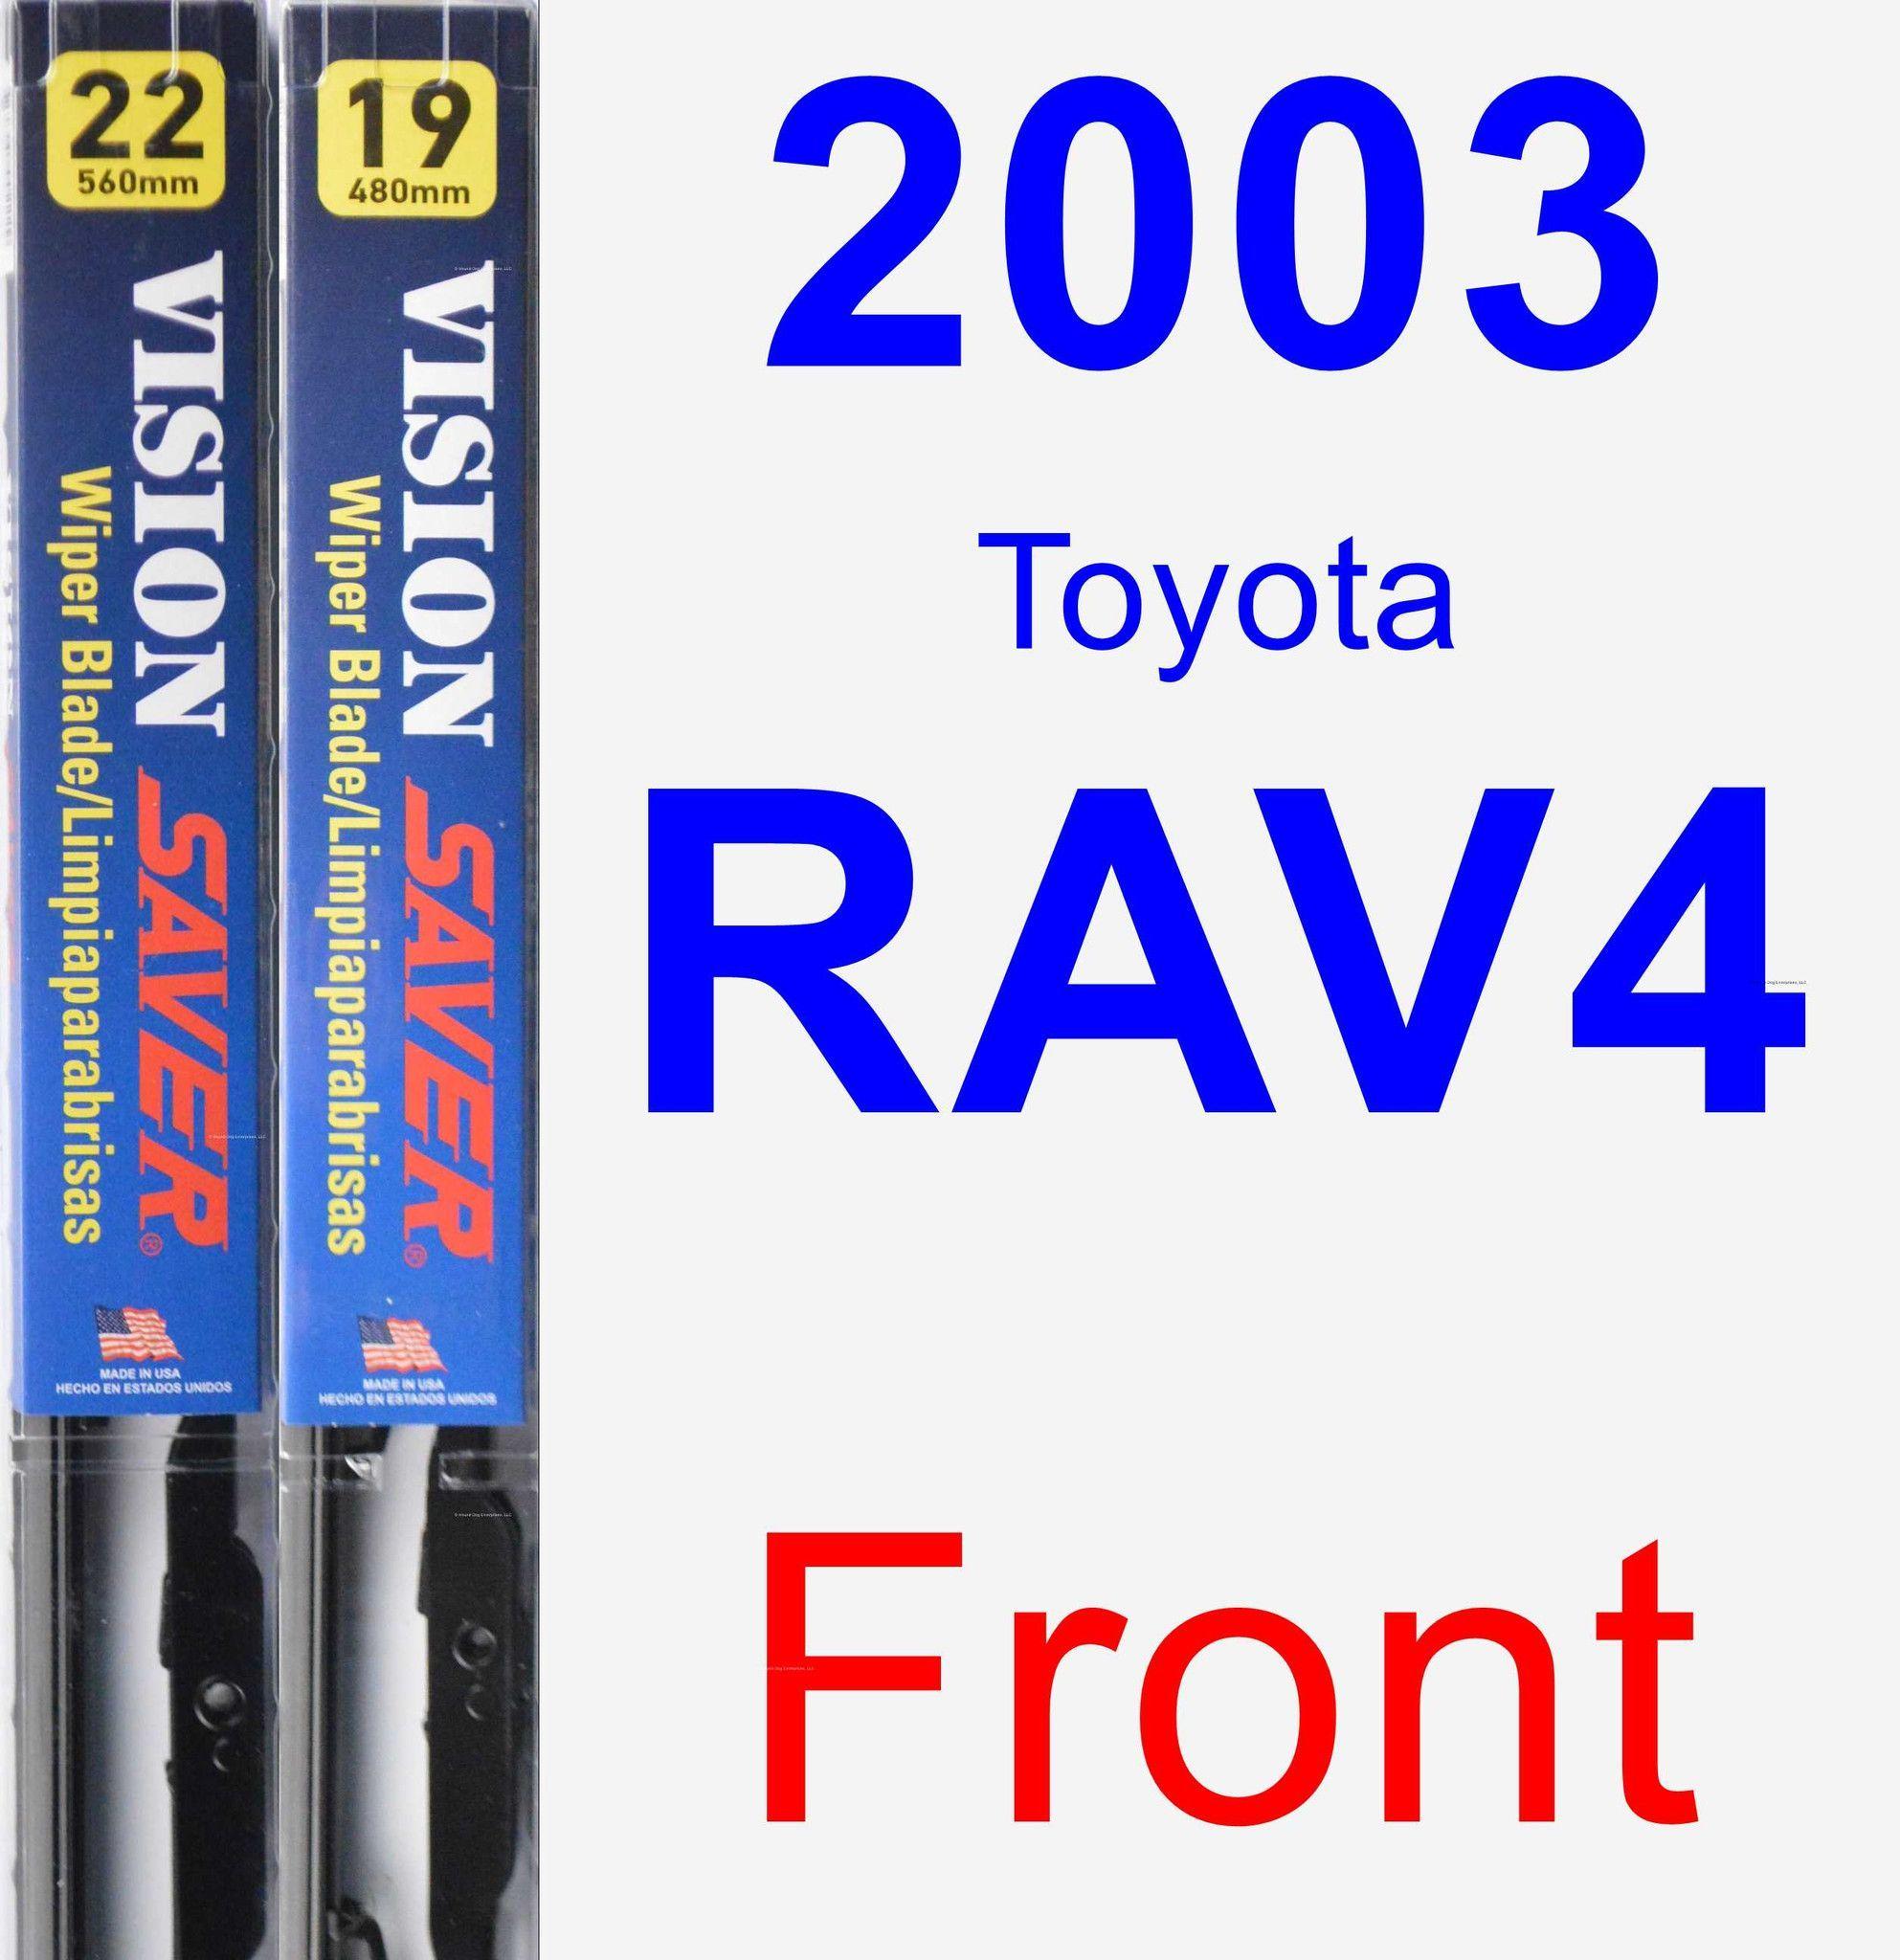 Front Wiper Blade Pack For 2003 Toyota RAV4